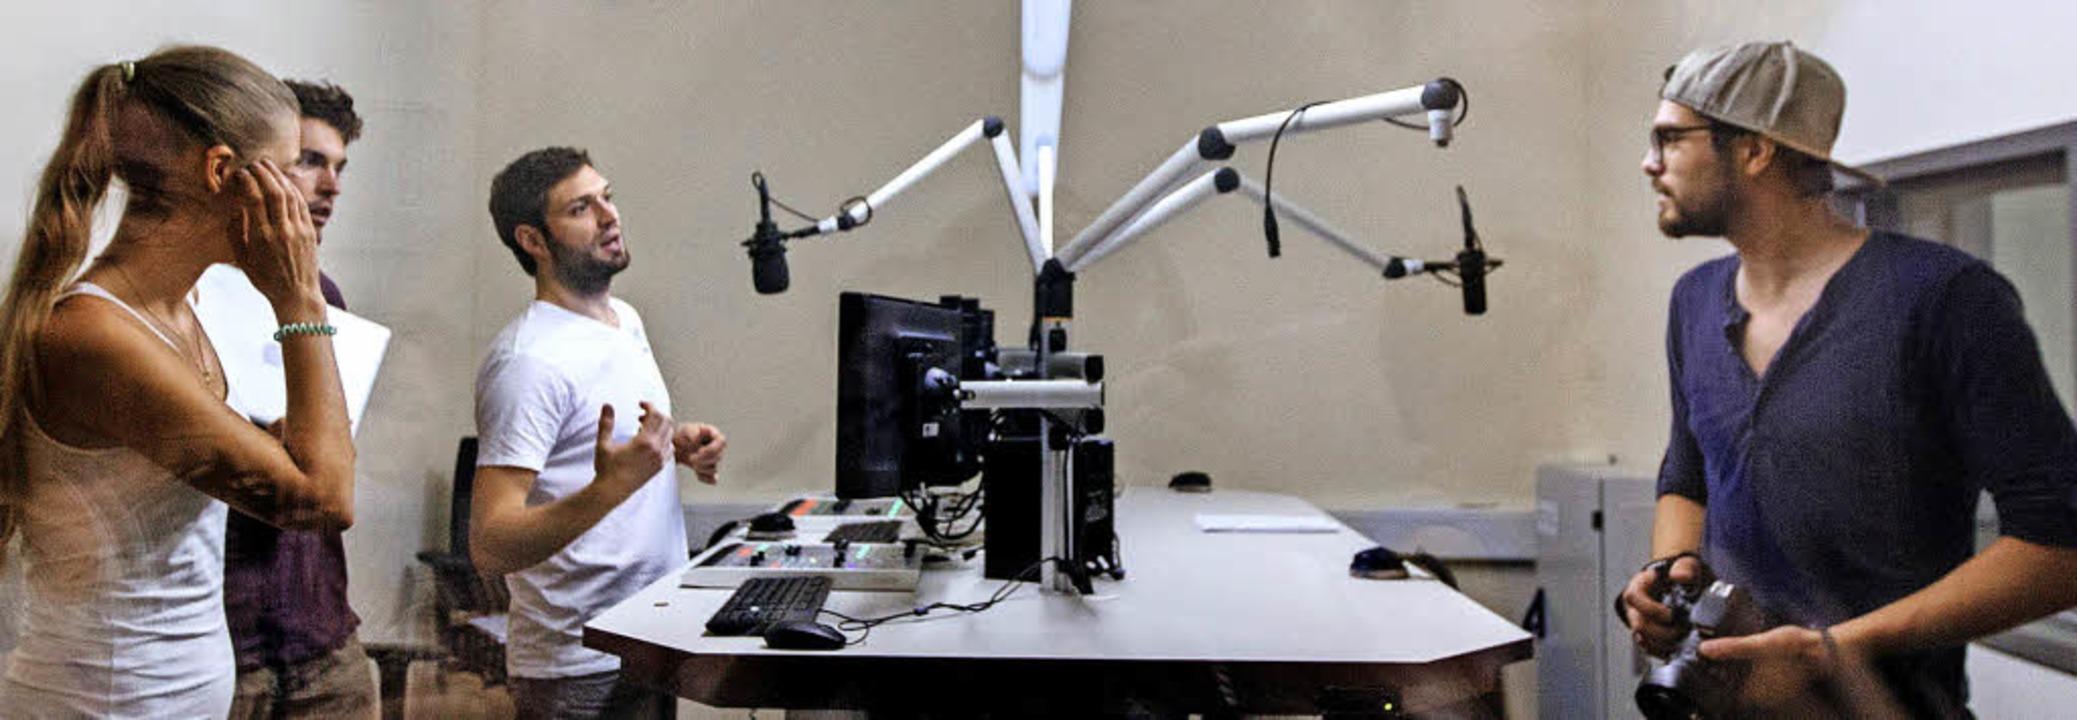 Auch das gibt's in der neuen UB:...de im Radiostudio des Medienzentrums.   | Foto: Uni Freiburg, Thomas Kunz (2)